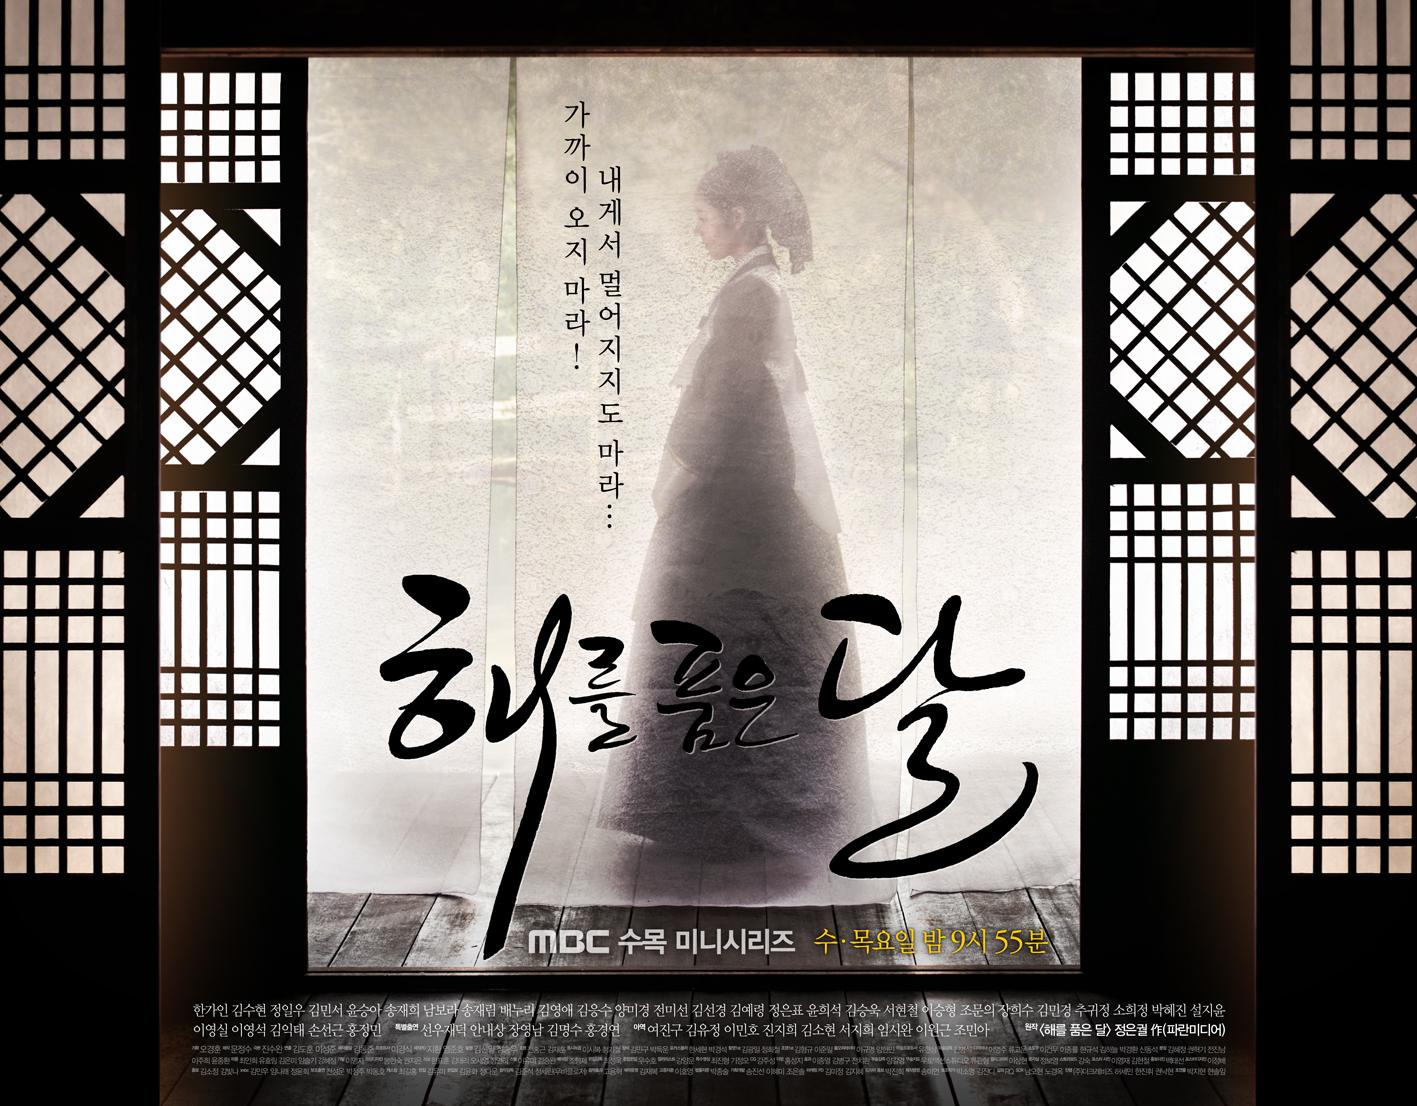 [韓劇] 해를 품은 달 (擁抱太陽的月亮) (2012) 03